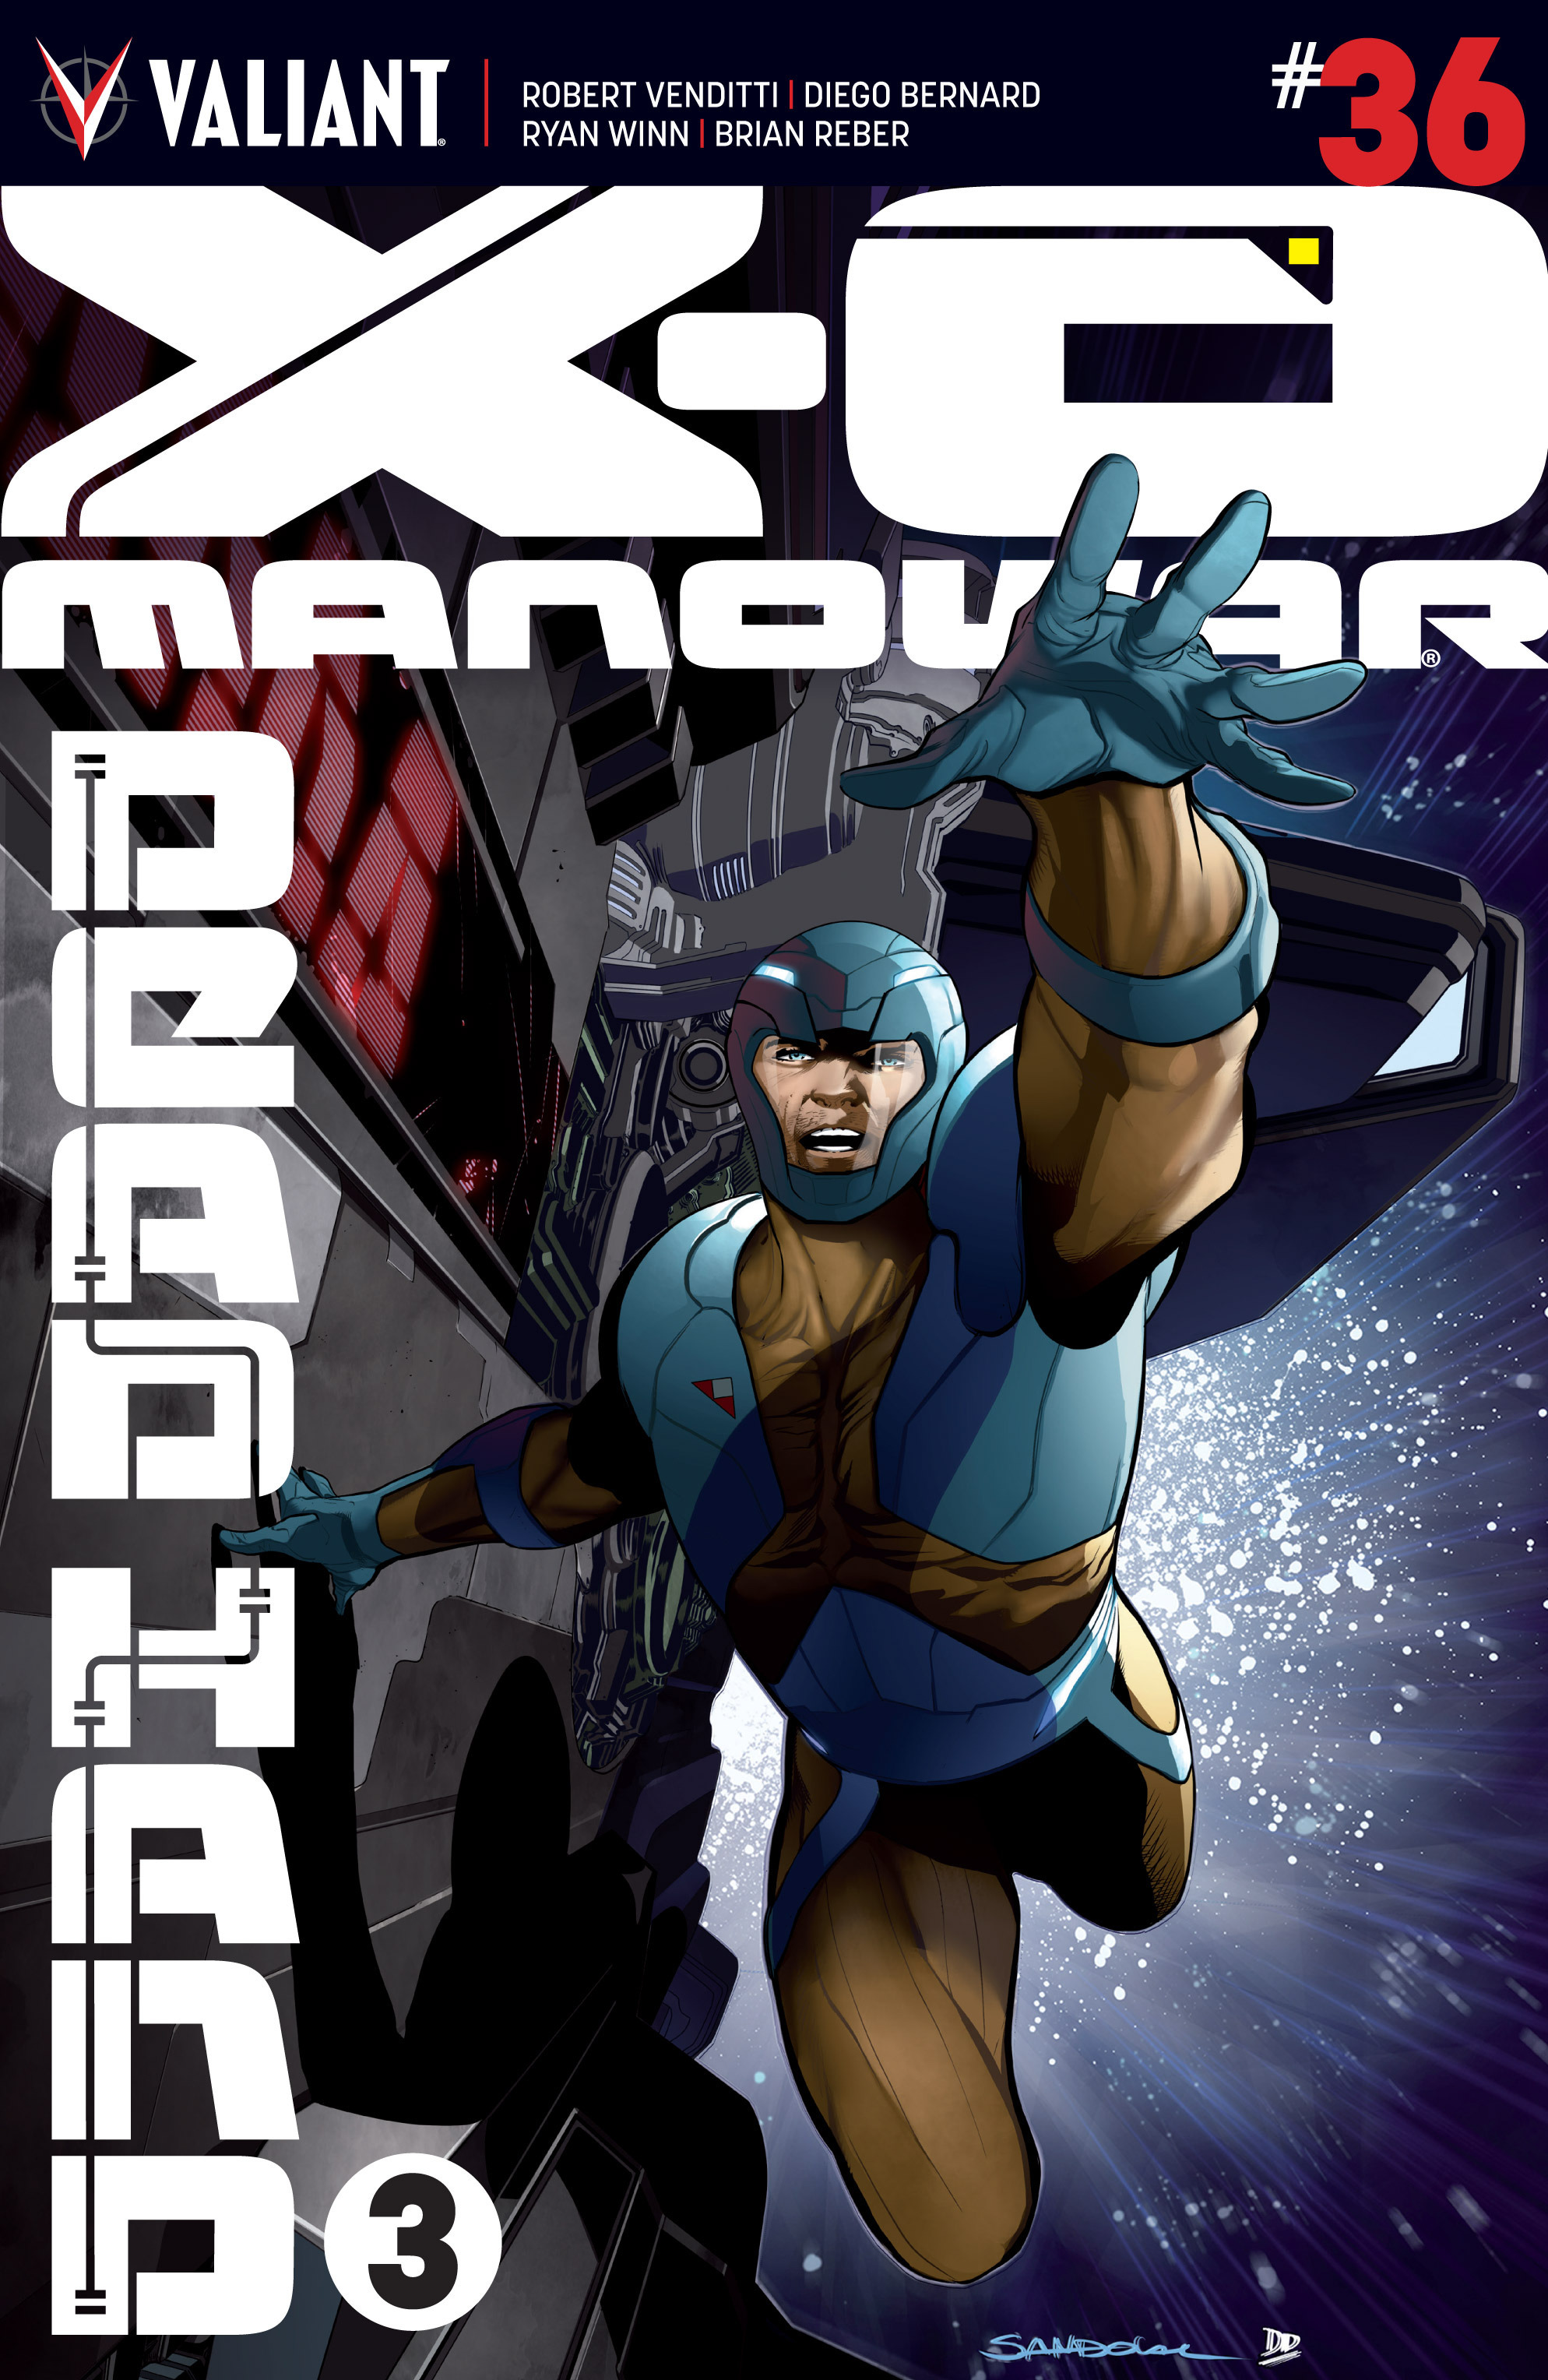 X-O Manowar (2012) 36 Page 1